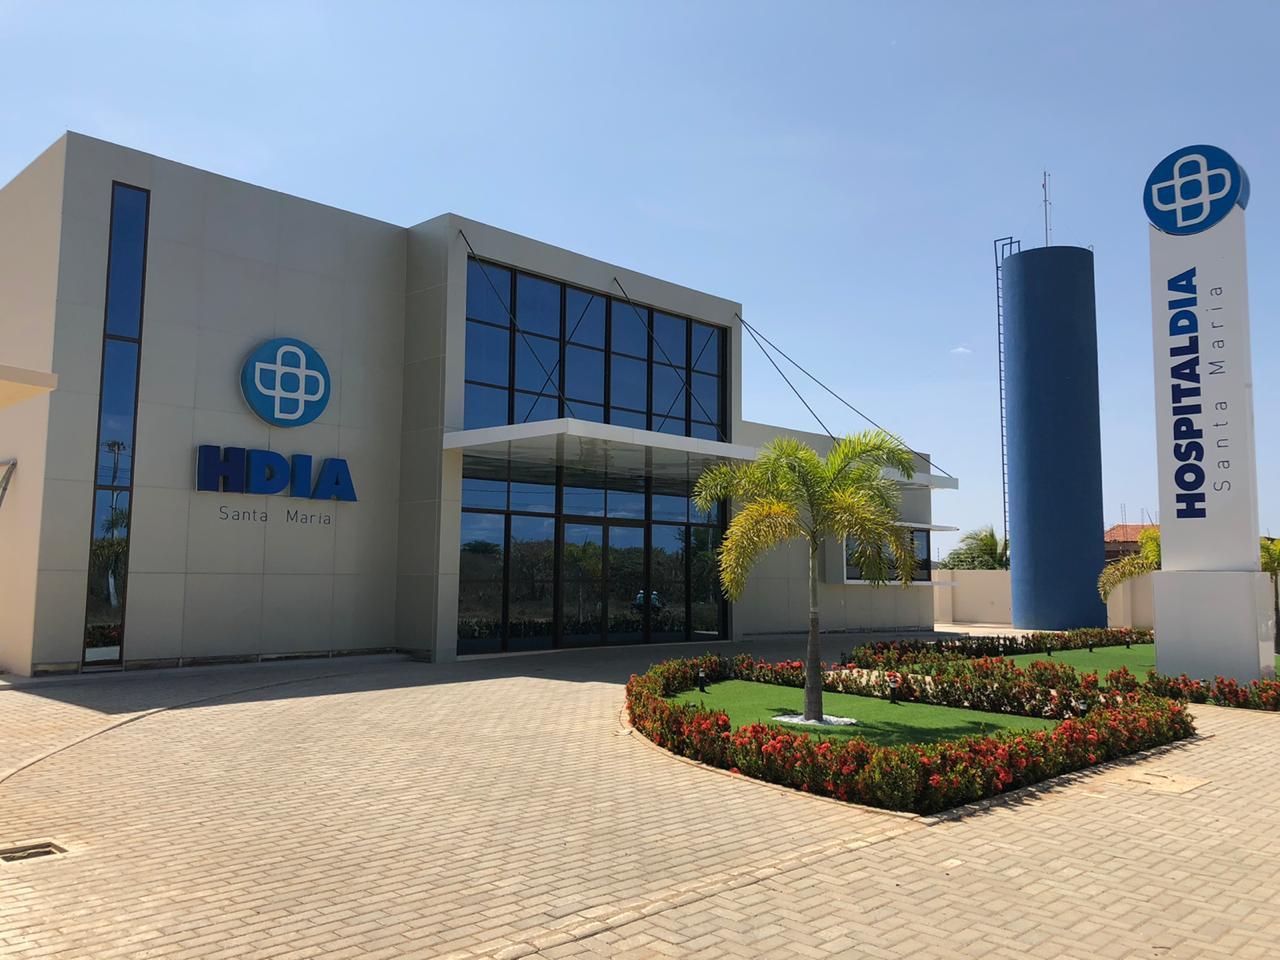 Hospital-Dia-Santa-Maria-Monteiro-1 Hospital Dia Santa Maria realiza primeiras cirurgias da rede privada de saúde em Monteiro